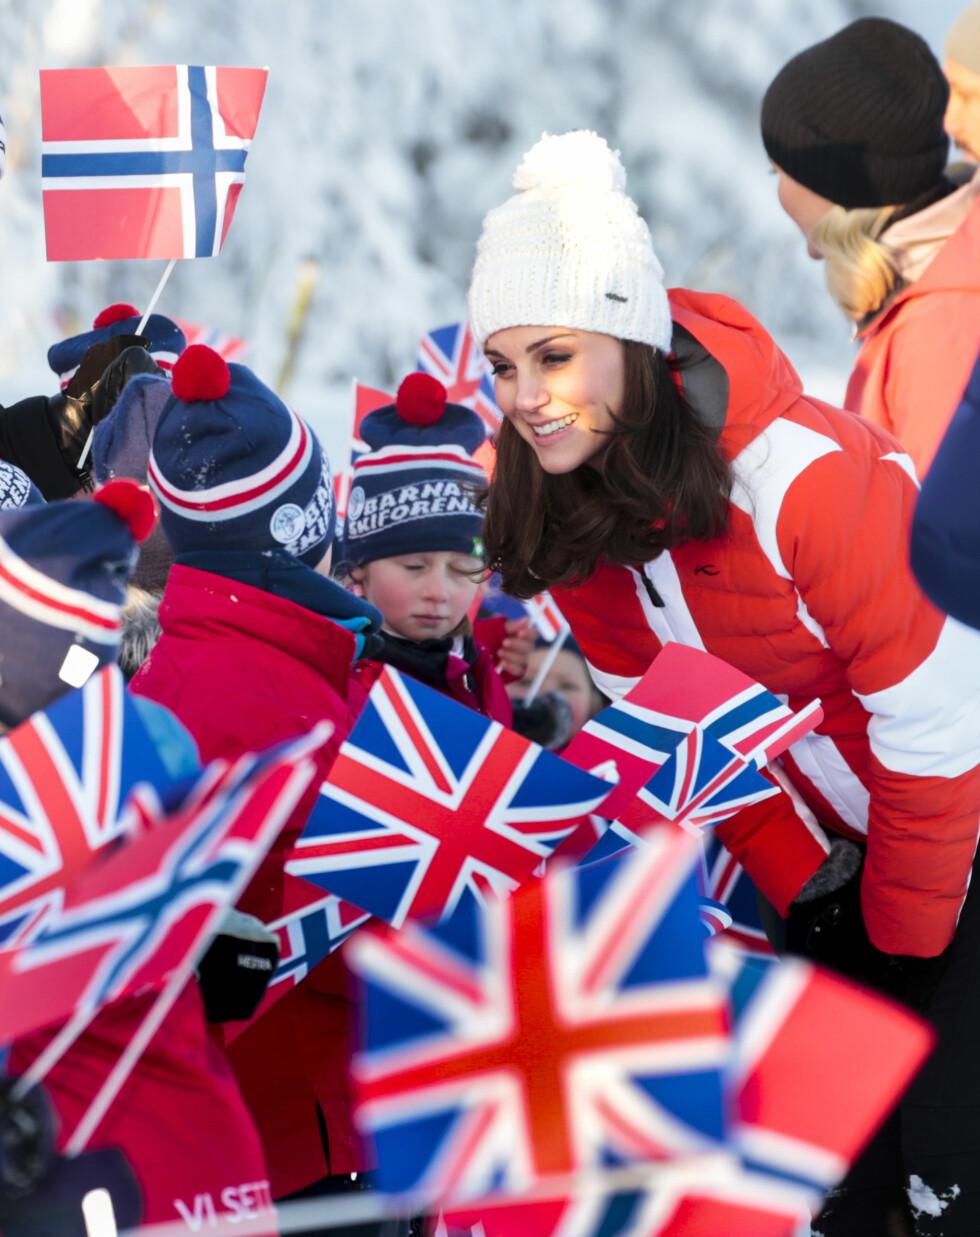 FANTASTISK VINTERDAG: Det var strålende forhold da hetruginne Kate og prins William møtte barna ved friluftsbarnehagen på Øvresetertjern ved Tryvann 2. februar. FOTO: NTB Scanpix